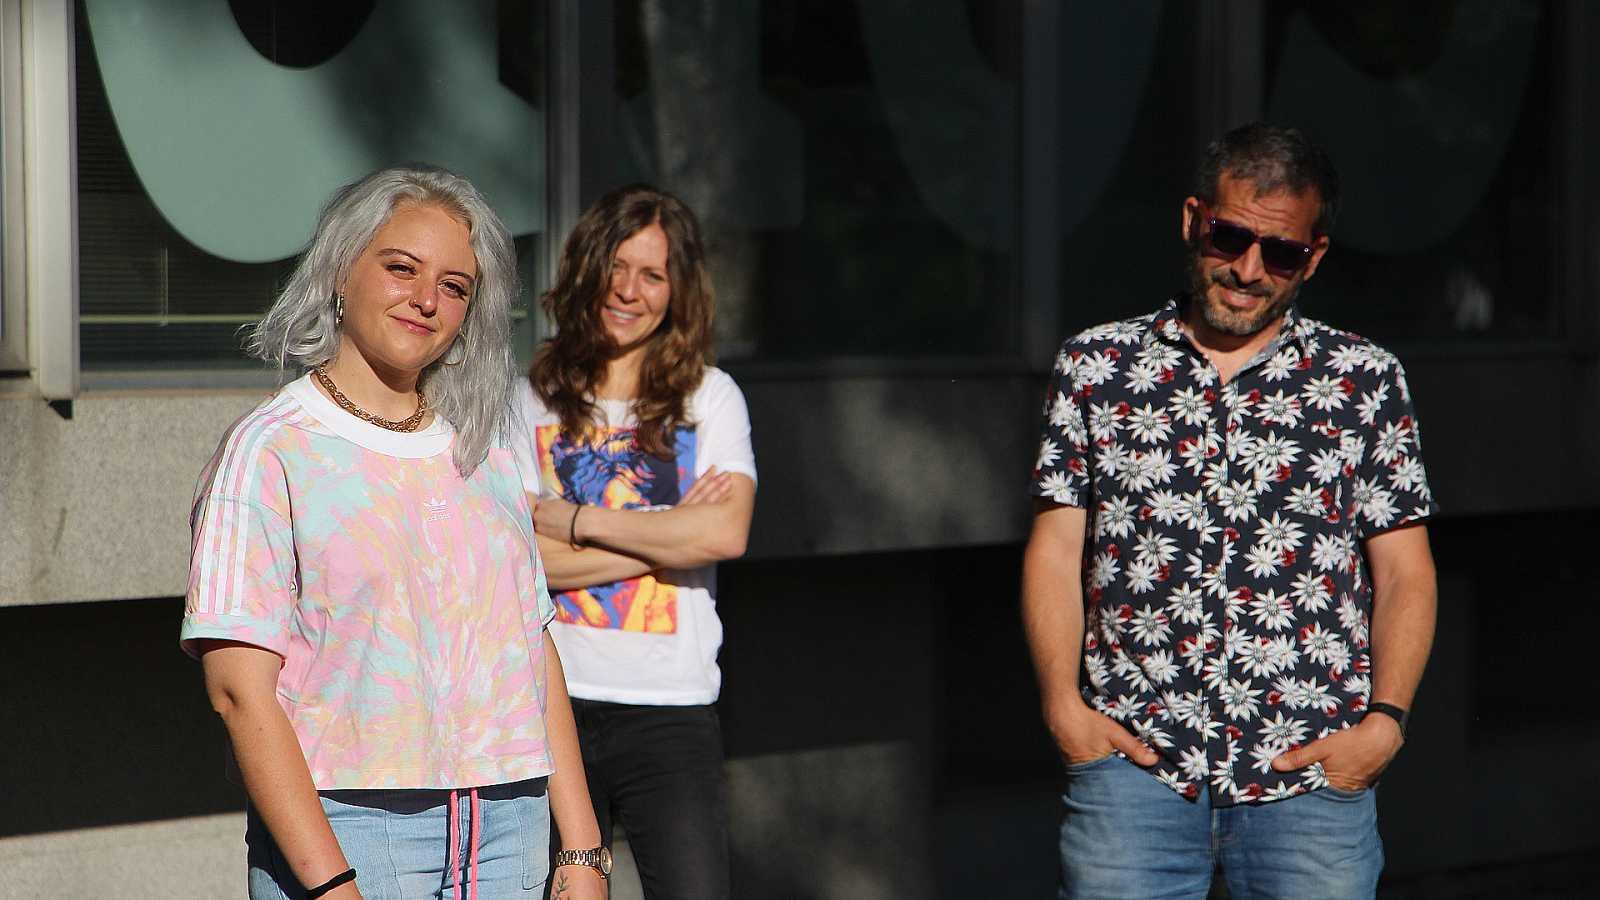 Zona Extra - Verano 2020 en Radio 3 - 02/07/20 - Ver ahora